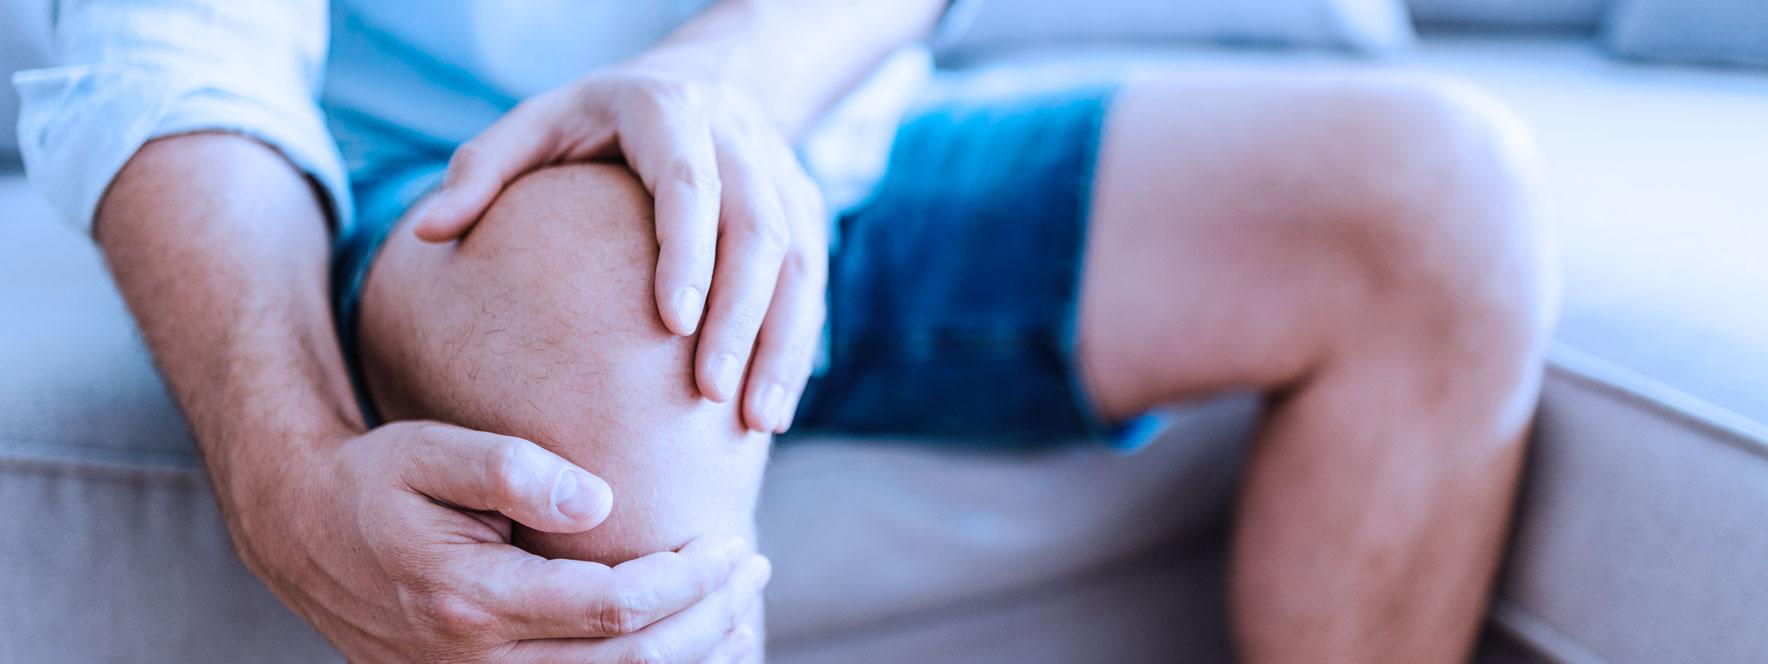 Apaiser les douleurs articulaires et rhumatismales - Blogue du Réseau